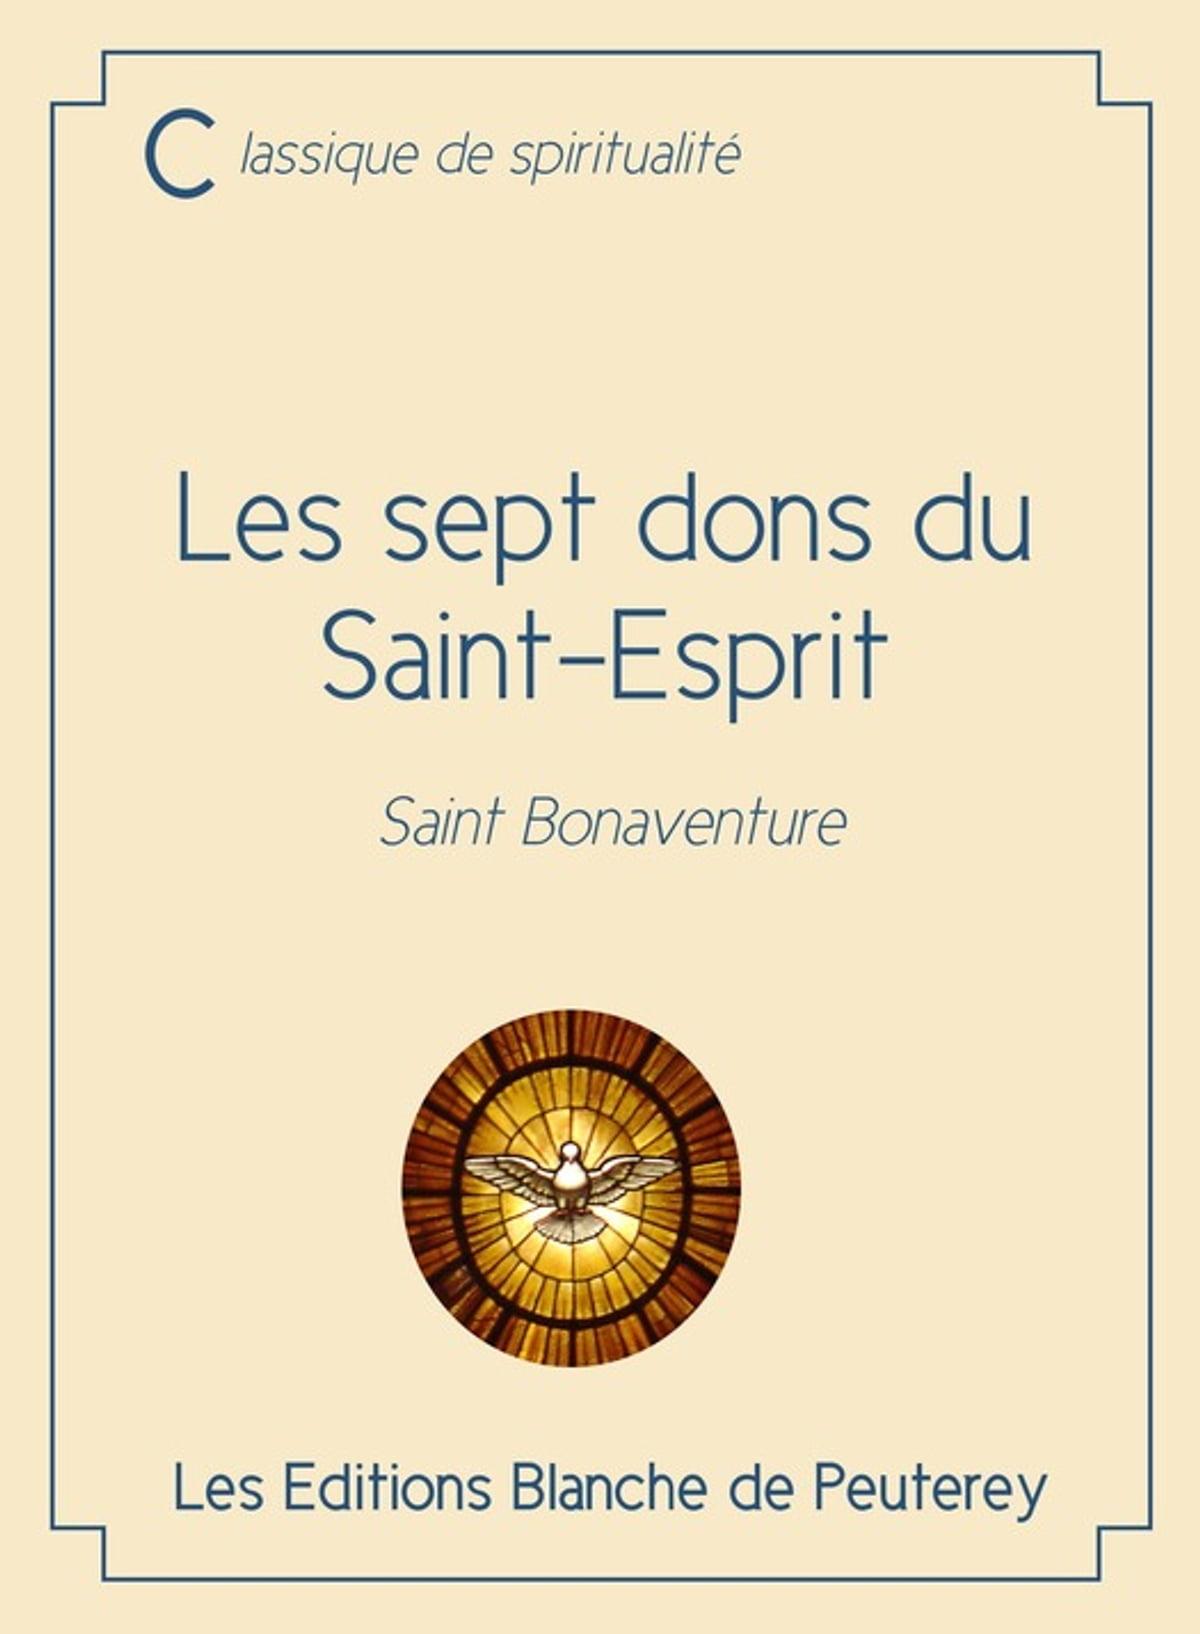 Les Sept Dons De L'esprit Saint : l'esprit, saint, Saint-Esprit, EBook, Saint, Bonaventure, 9782368781142, Rakuten, United, States